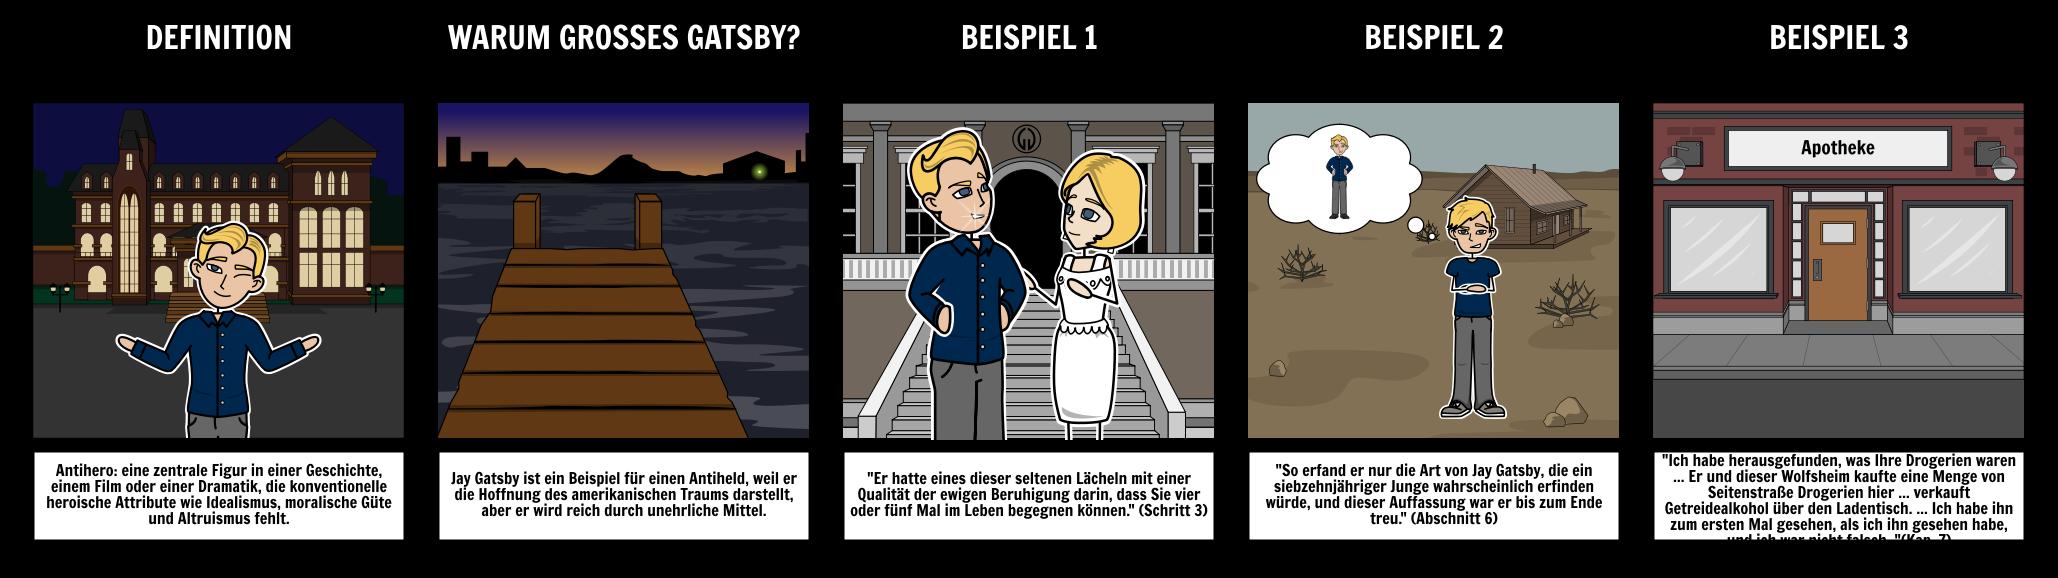 Der Große Gatsby - Antiheld